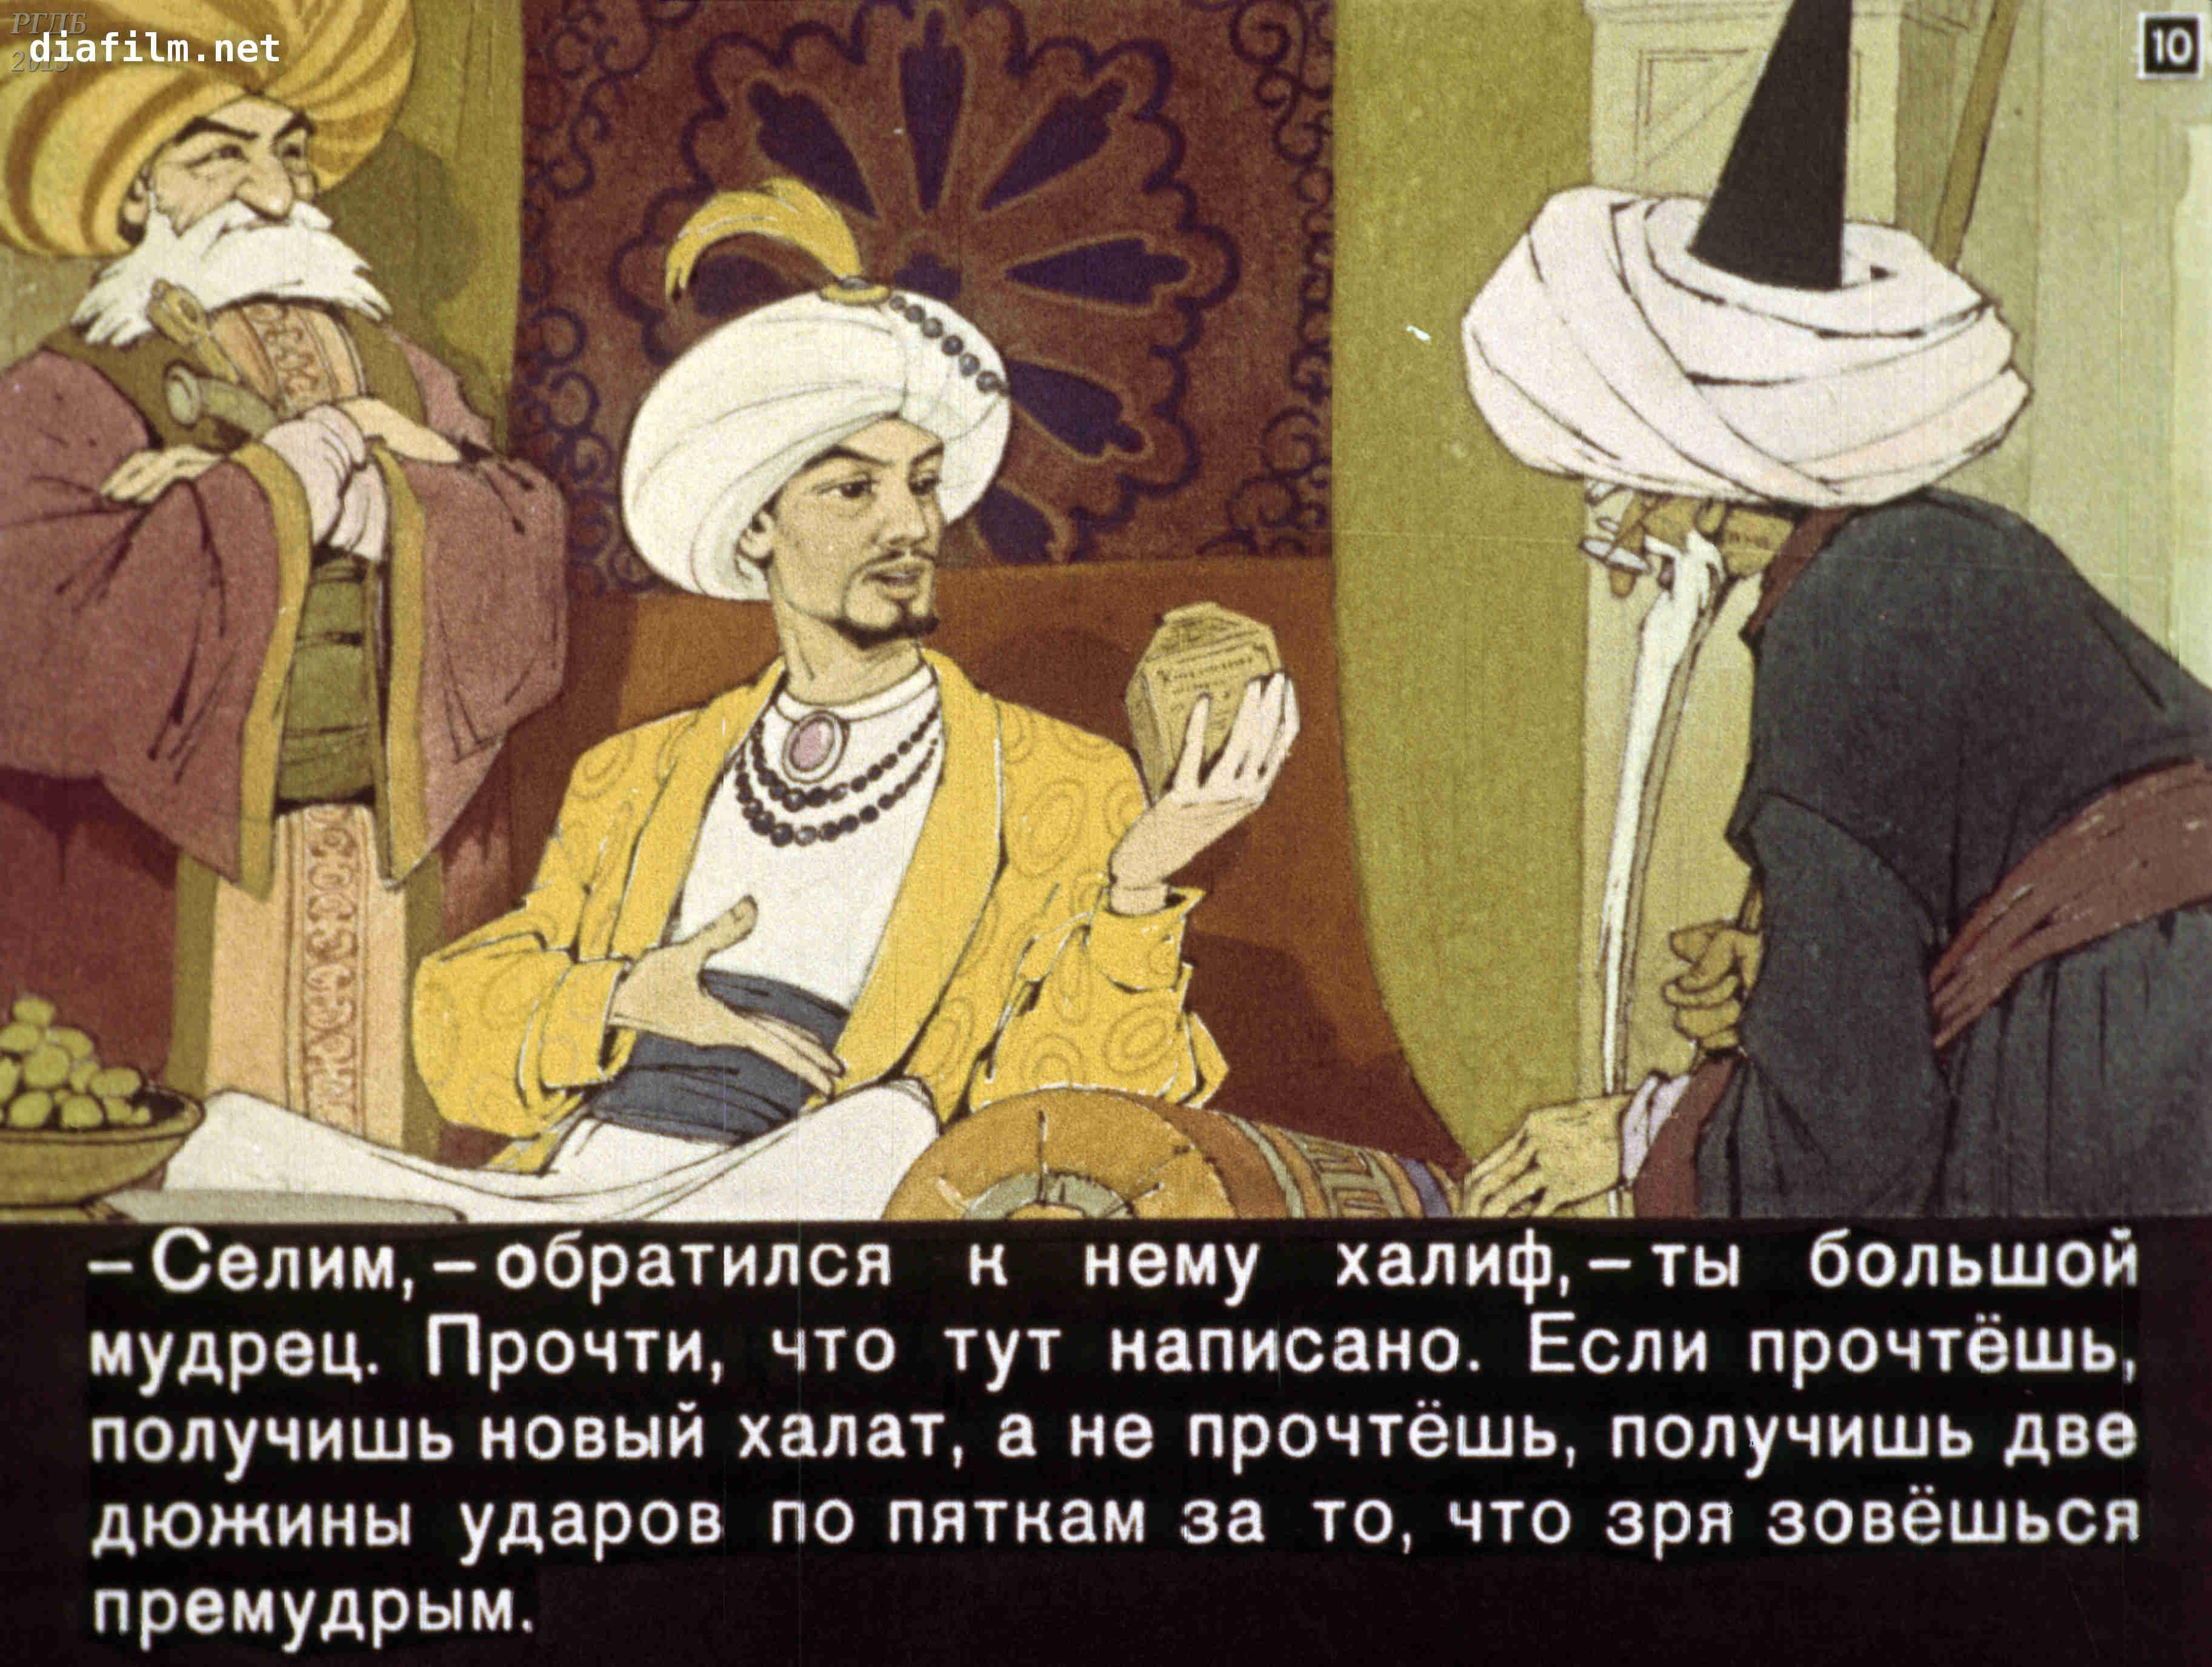 Сказка калиф аист с картинками